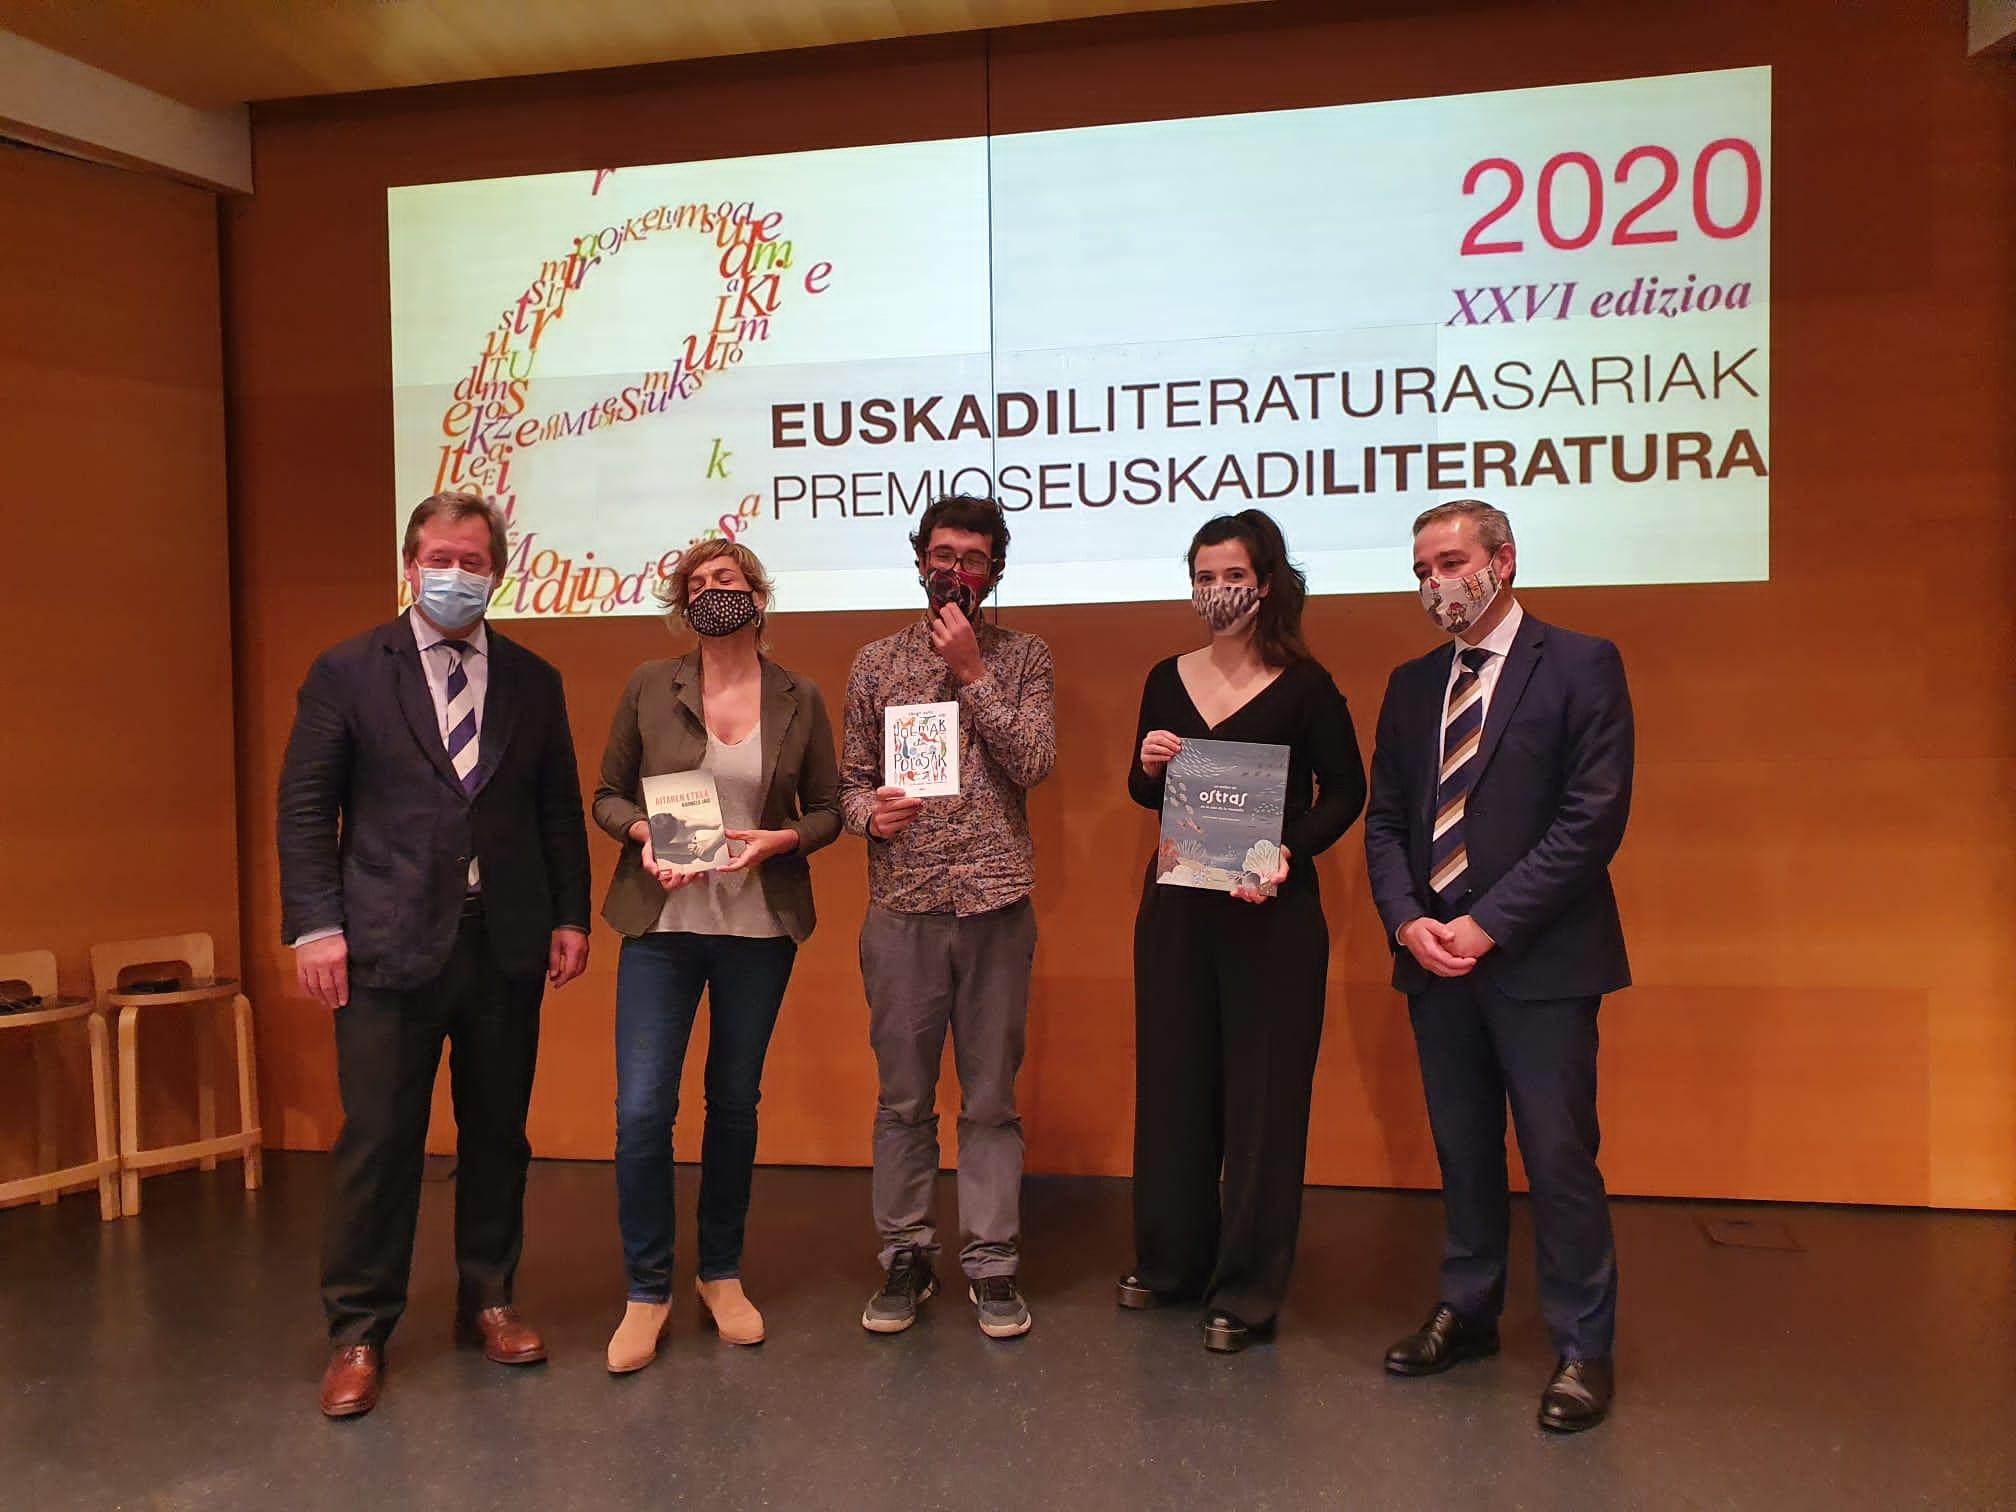 Karmele Jaio Eiguren, Iñigo Astiz Martinez eta Miren Asiain dira 2020ko Euskadi Literatura Sarietako lehenengo hiru irabazleak [0:00]